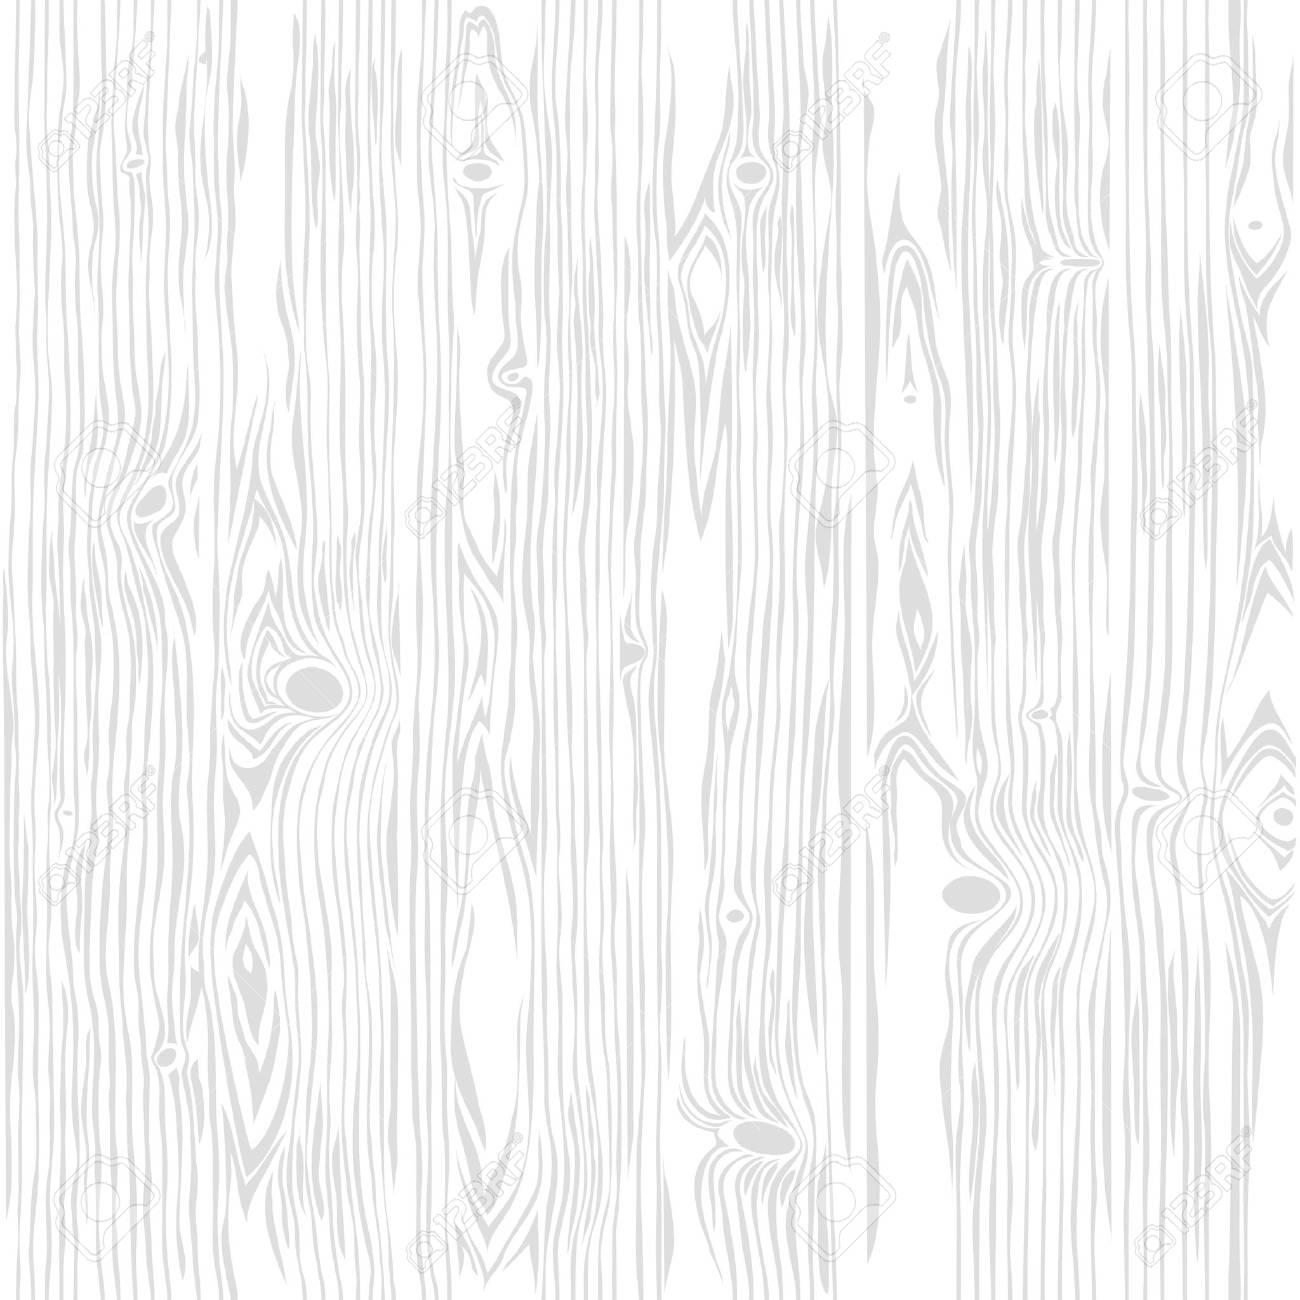 Textura Blanca Sin Costuras Verticales De Madera. Fondo Retro De La ...